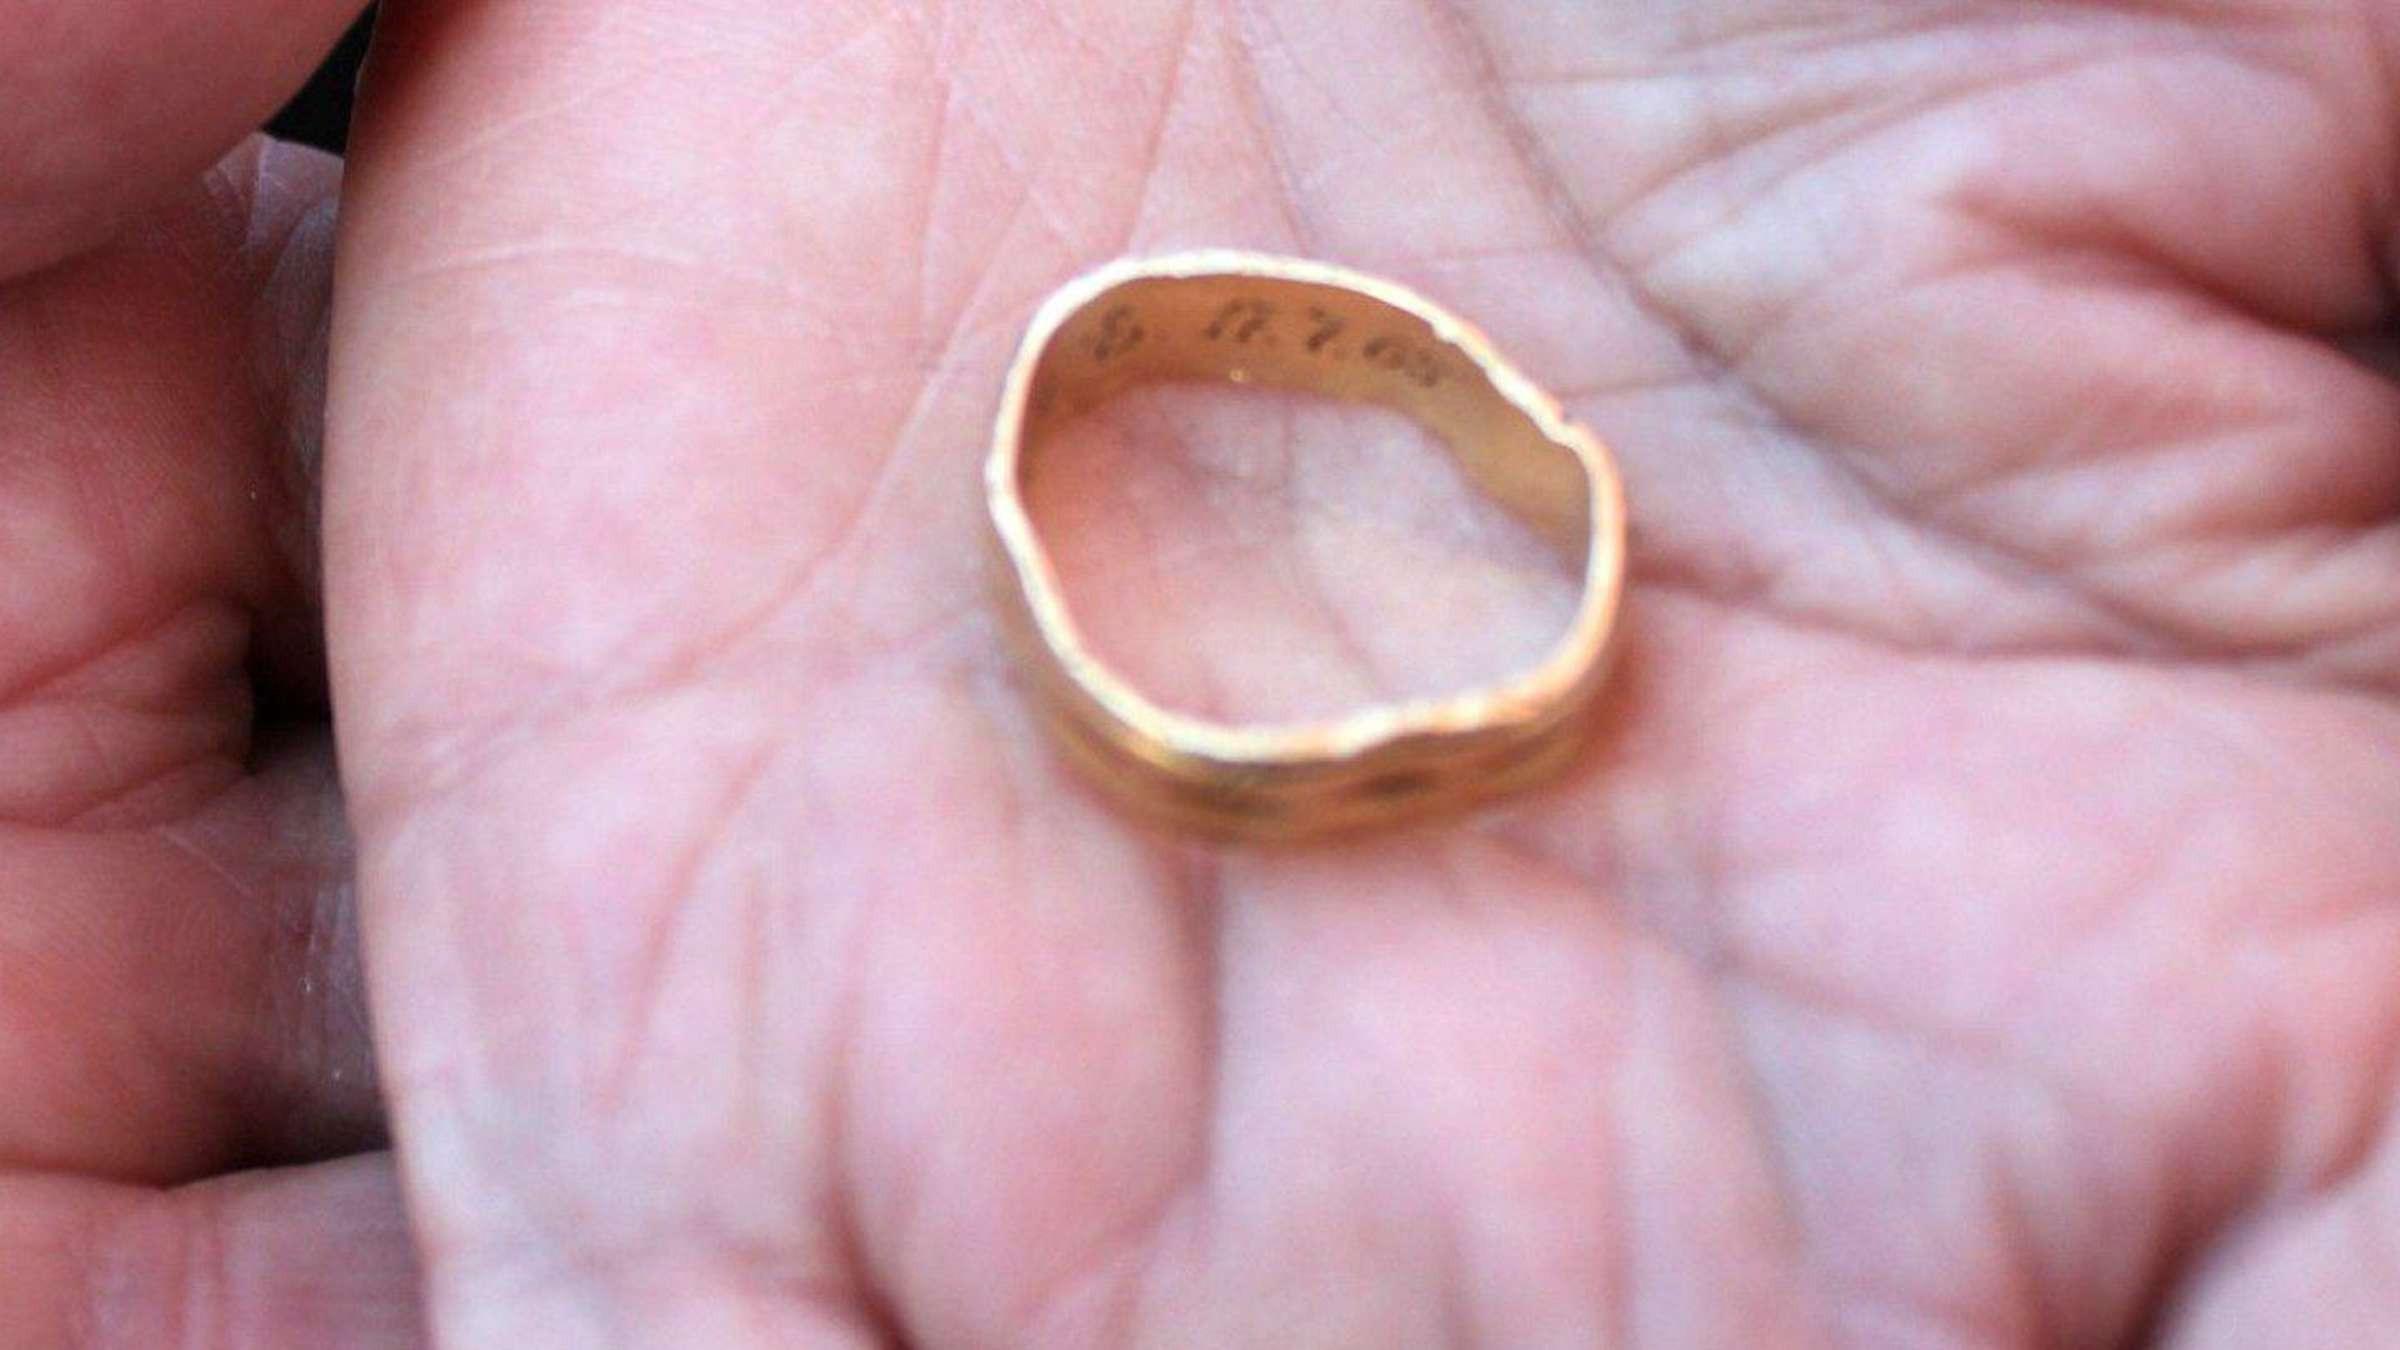 Ehering Ging Vor Goldener Hochzeit Verloren - Wiederentdeckt